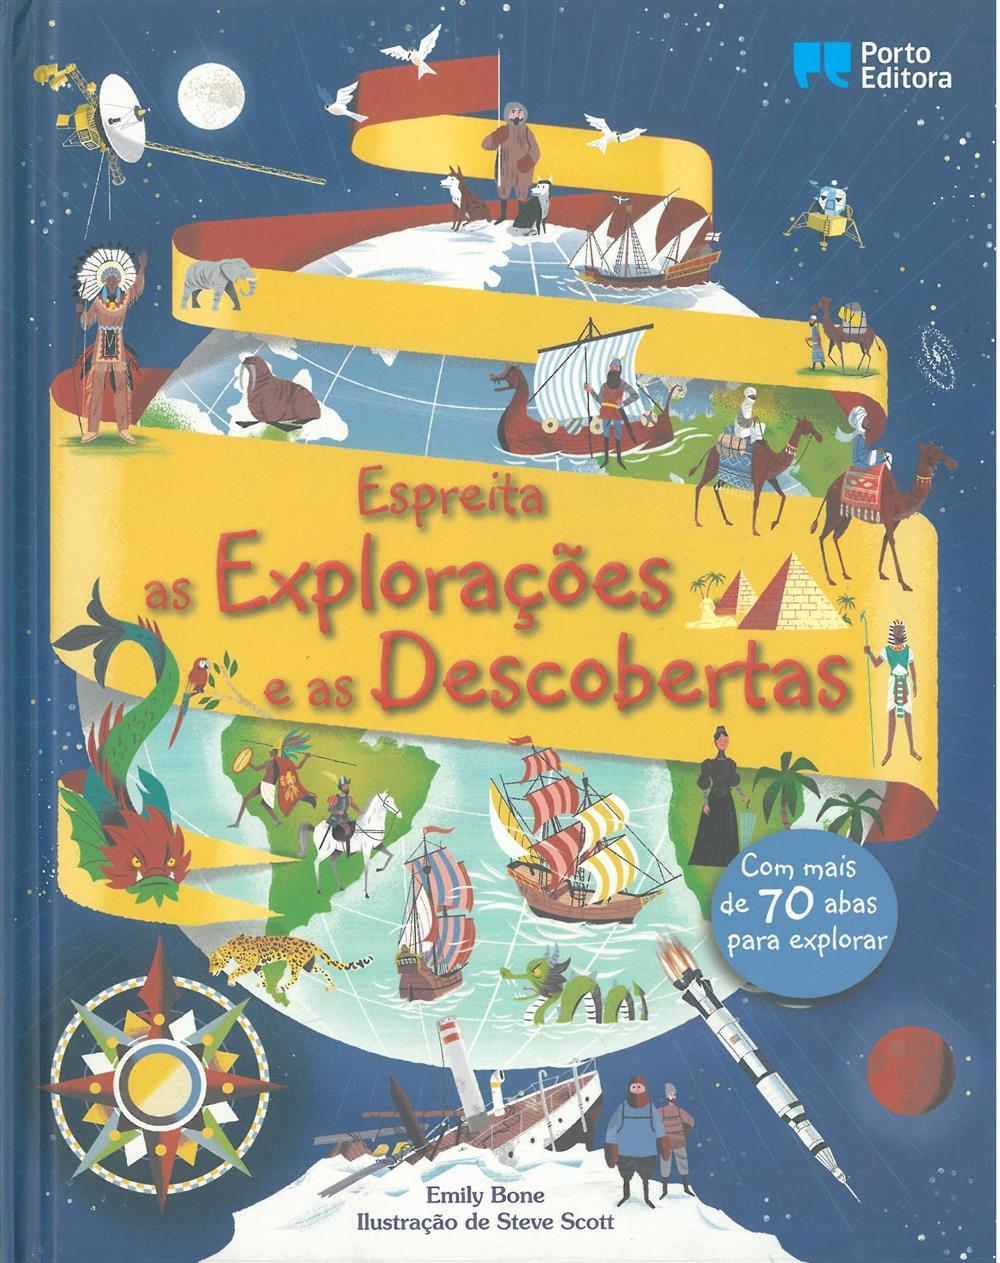 Espreita as explorações e as descobertas_.jpg